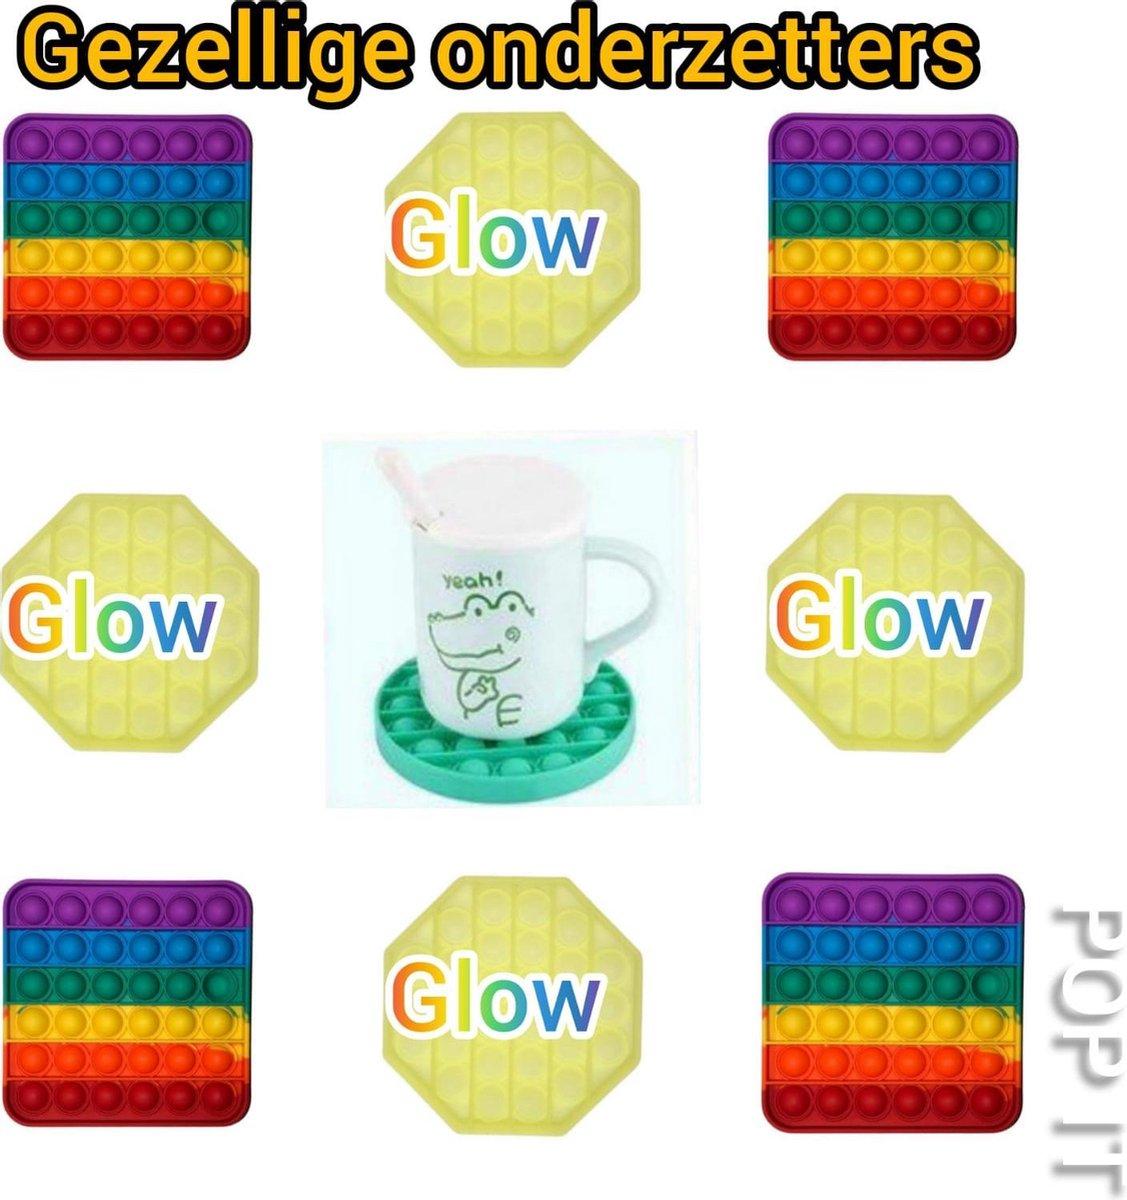 Fidget toys | Pop it pakket set van 8 stuks | 4 Glow in the dark + 4 Rainbow regenboog vierkant | Meisjes jongens volwassenen _ Anti stress 2021 _ Verjaardag cadeautip _ Leuk voor zwembad